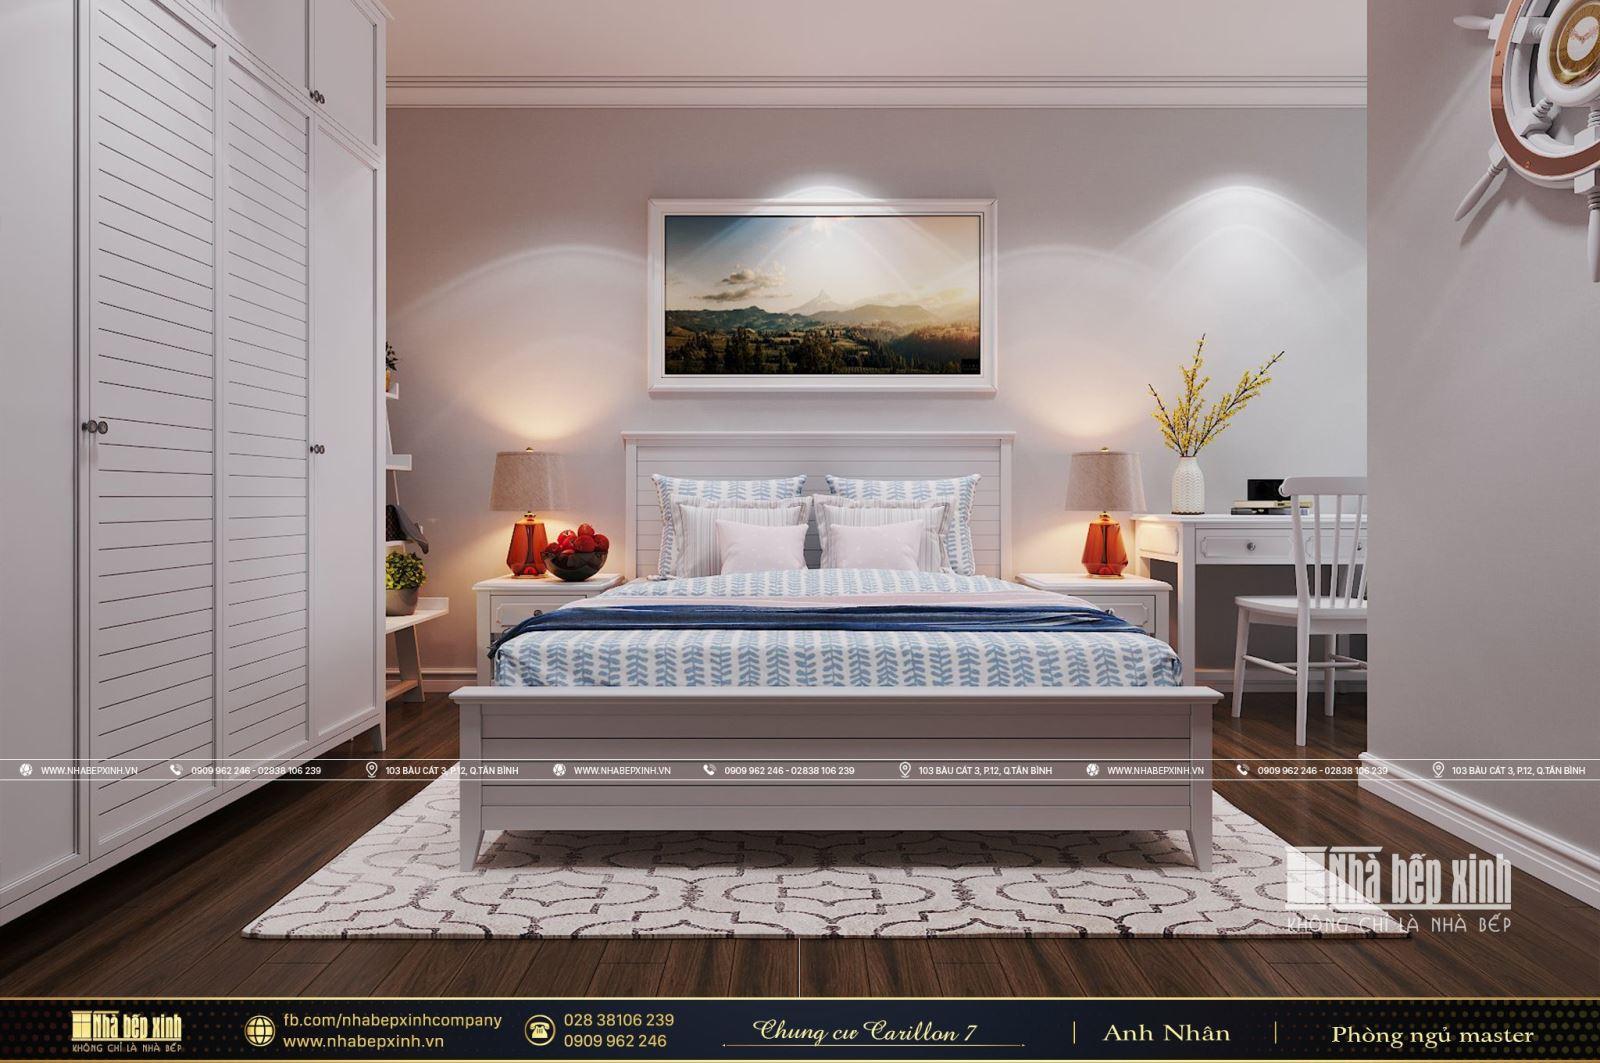 Tổng hợp các mẫu thiết kế nội thất căn hộ Carillon 7 64m2 - 2 phòng ngủ